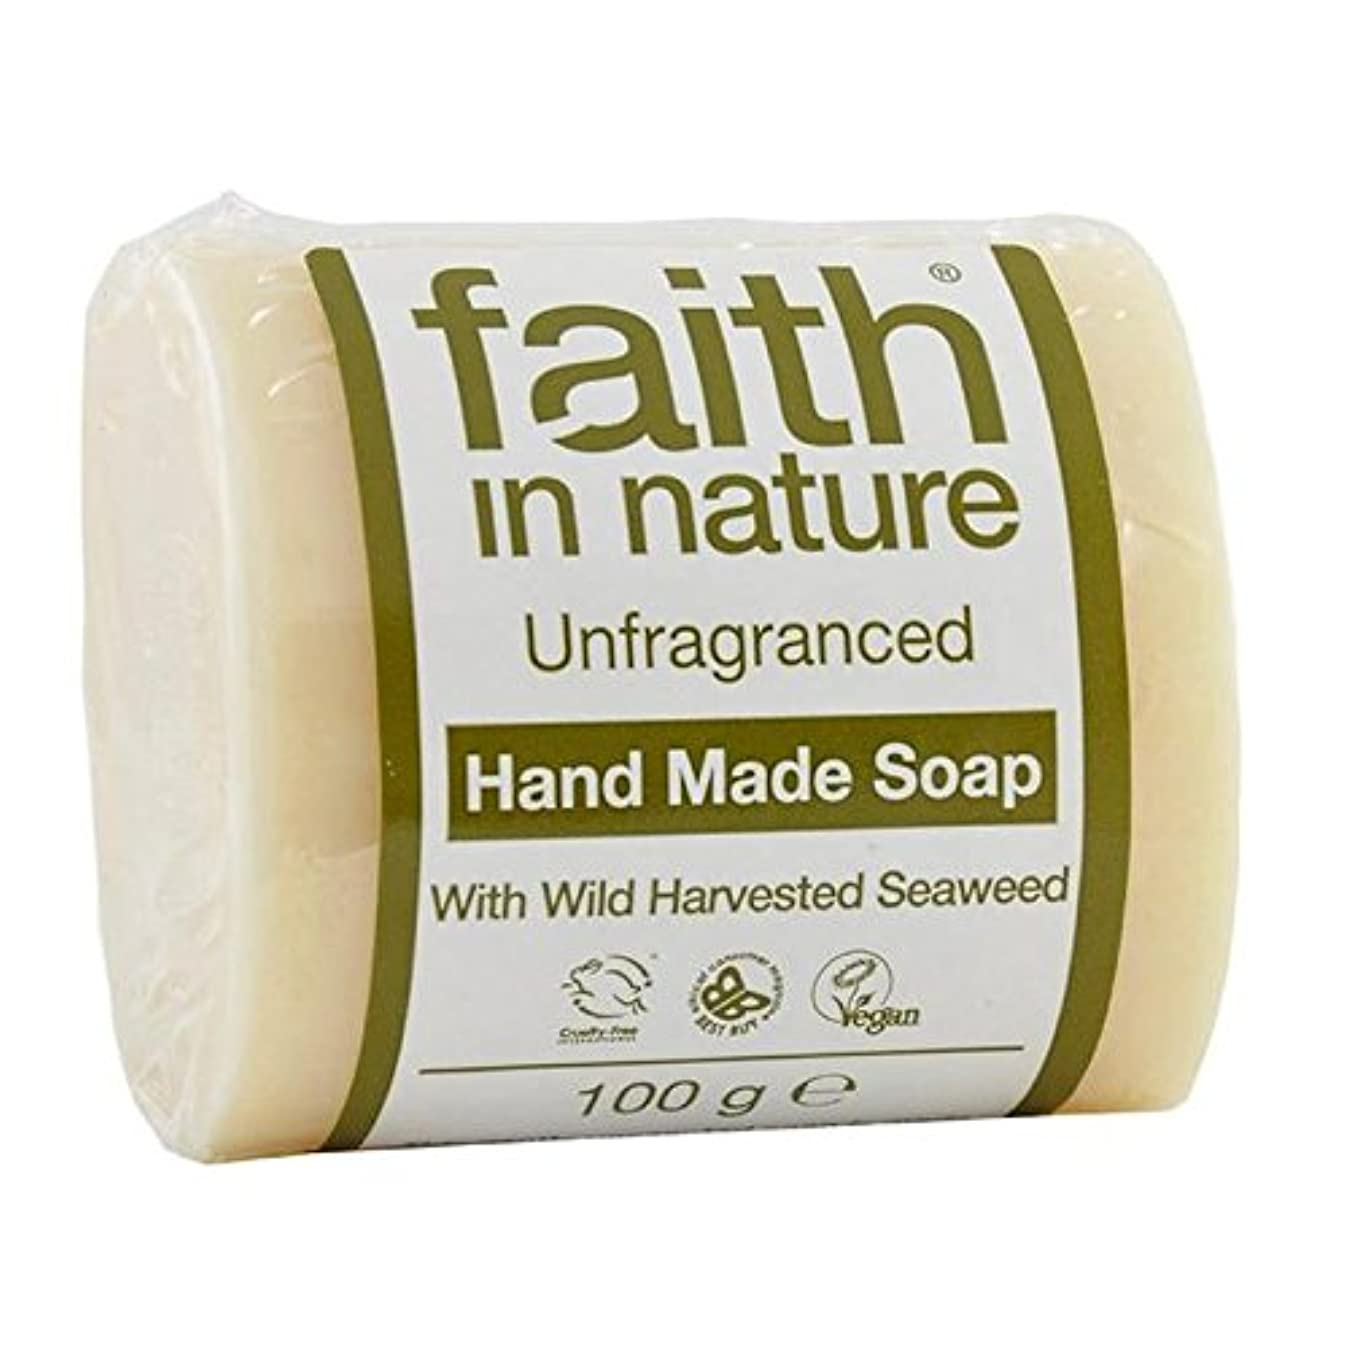 オーロック優れましたセーブFaith in Nature Unfragranced Pure Hand Made Soap 100g (Pack of 2) - (Faith In Nature) 自然の中で信仰は純粋な手作り石鹸100グラムを無香料 (x2) [並行輸入品]